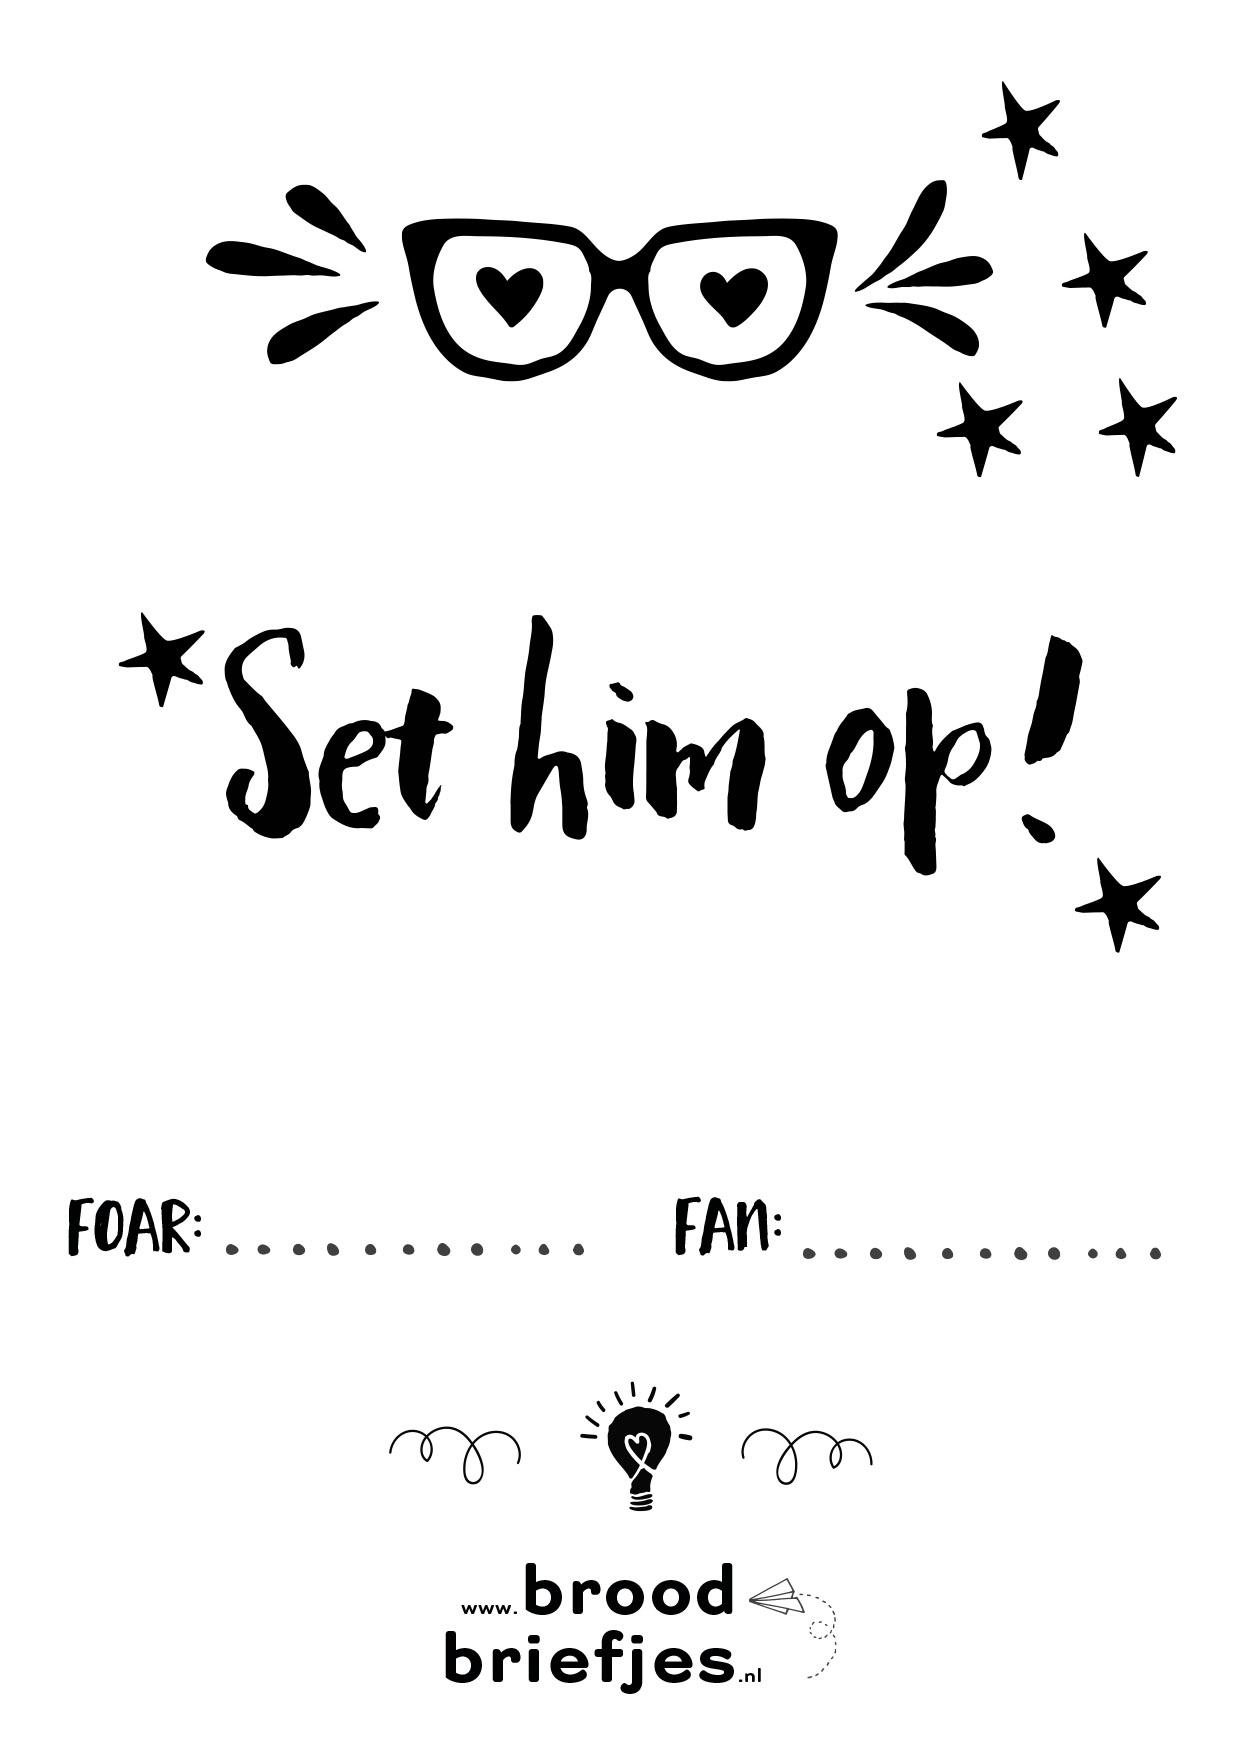 Opstekker_set_him_op